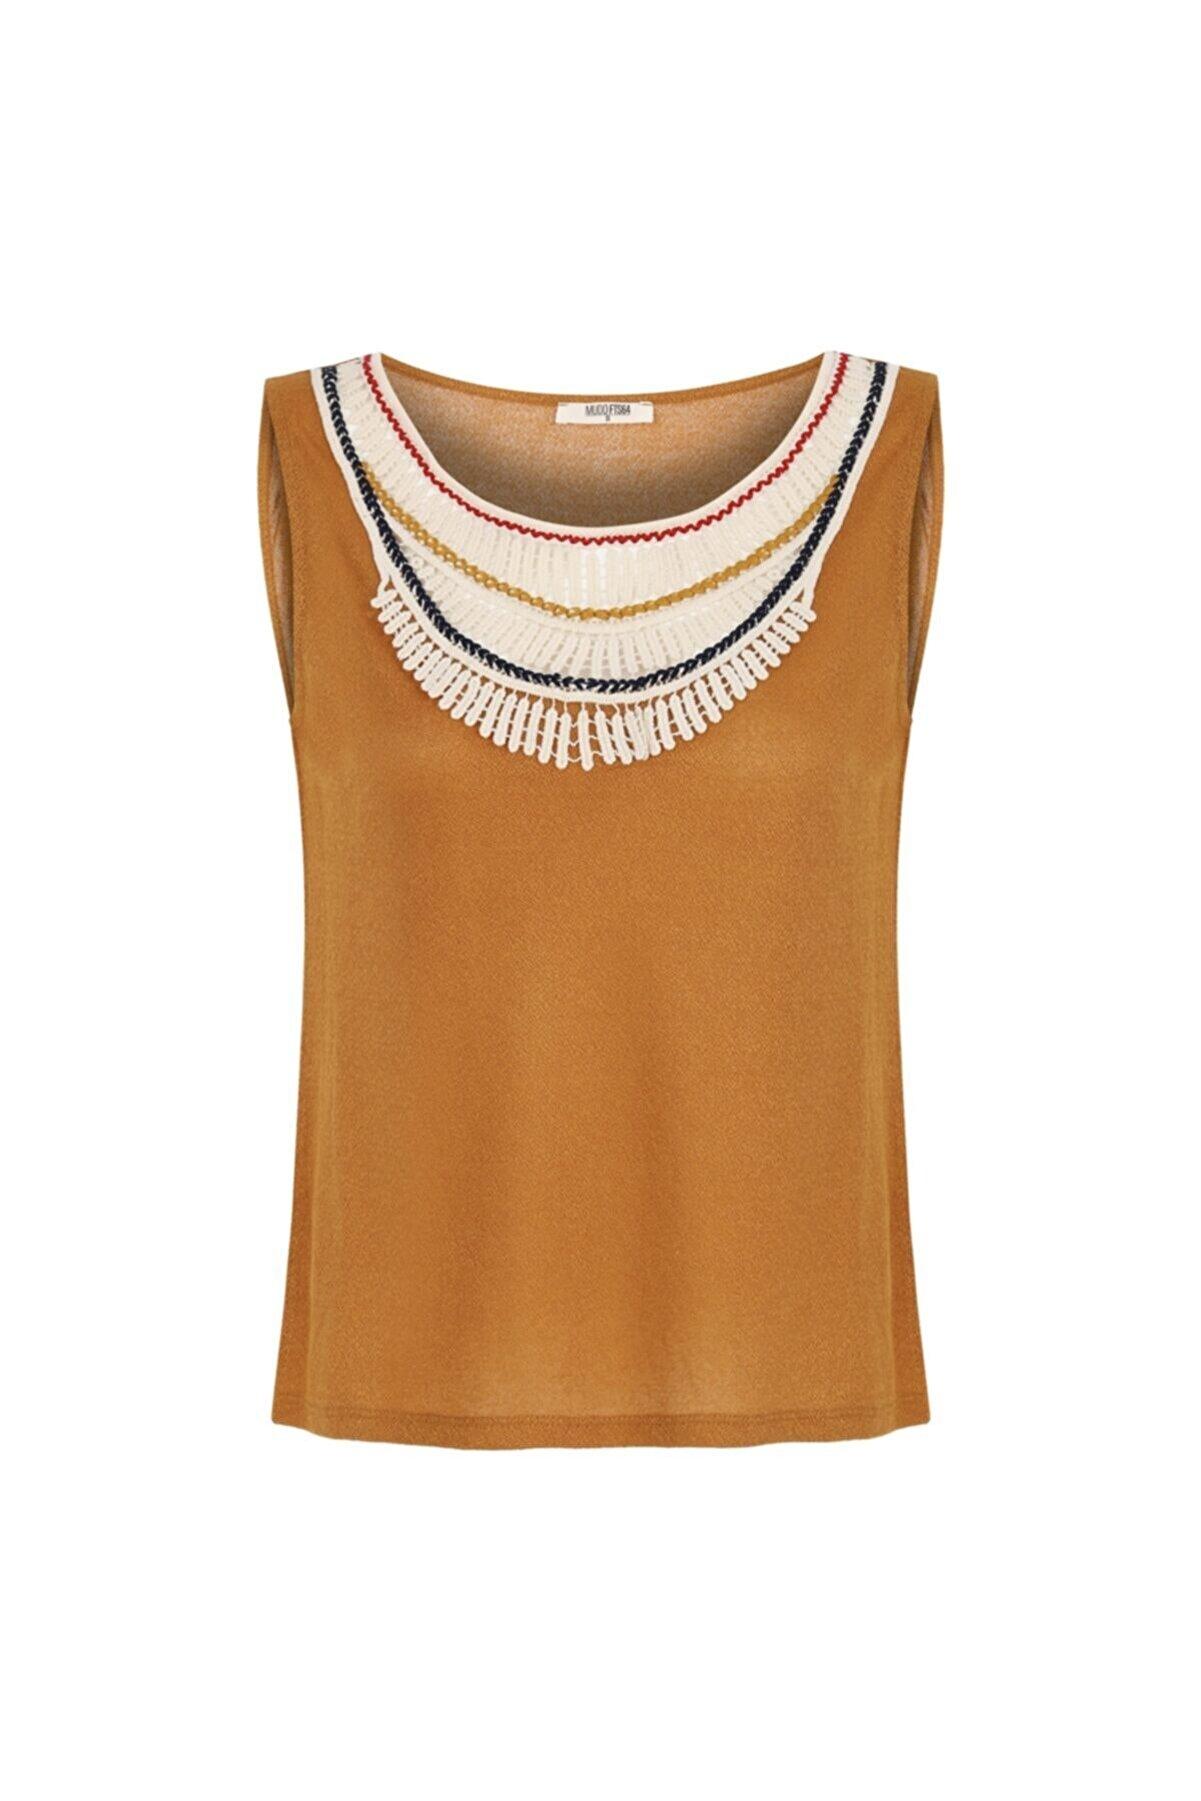 Mudo Kadın Kahverengi Dantelli Kolsuz Bluz 1217801